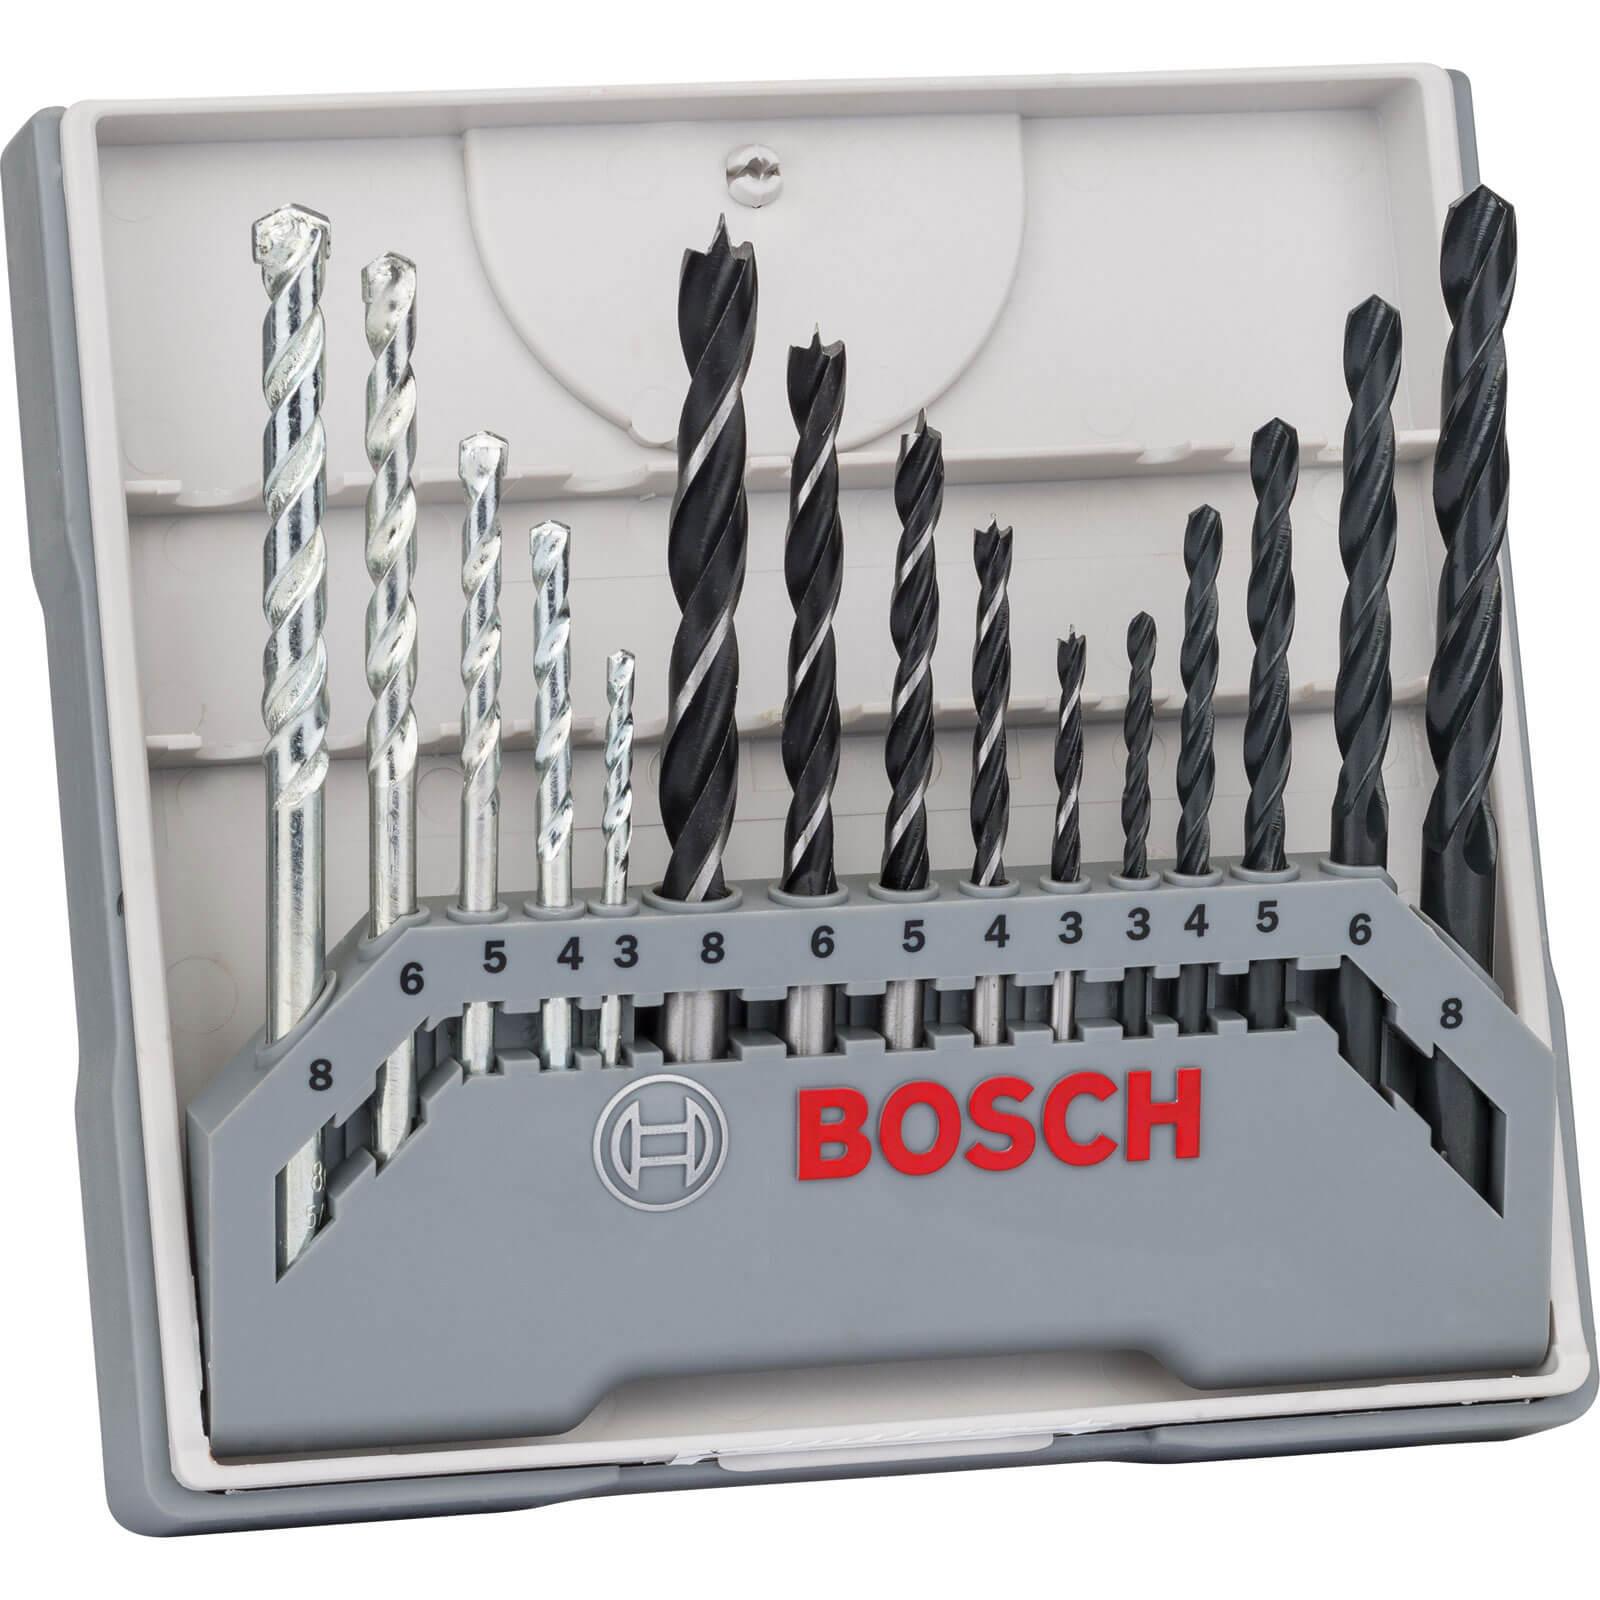 Image of Bosch 15 Piece Mixed Drill Bit Set